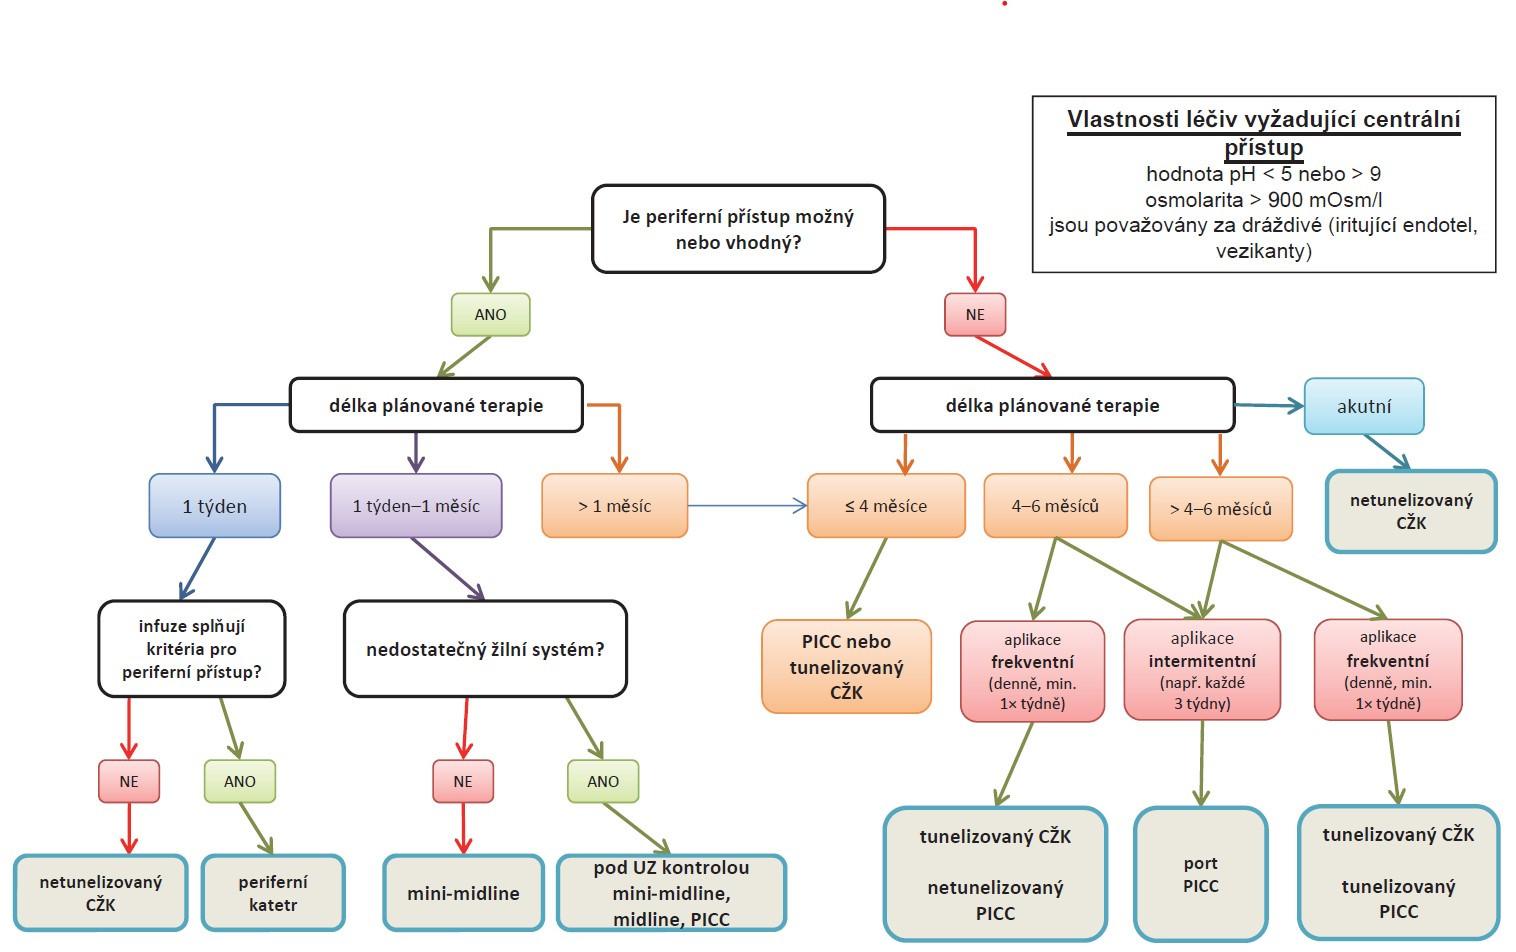 Schéma 1. Algoritmus pro volbu žilního vstupu v onkologii [21].